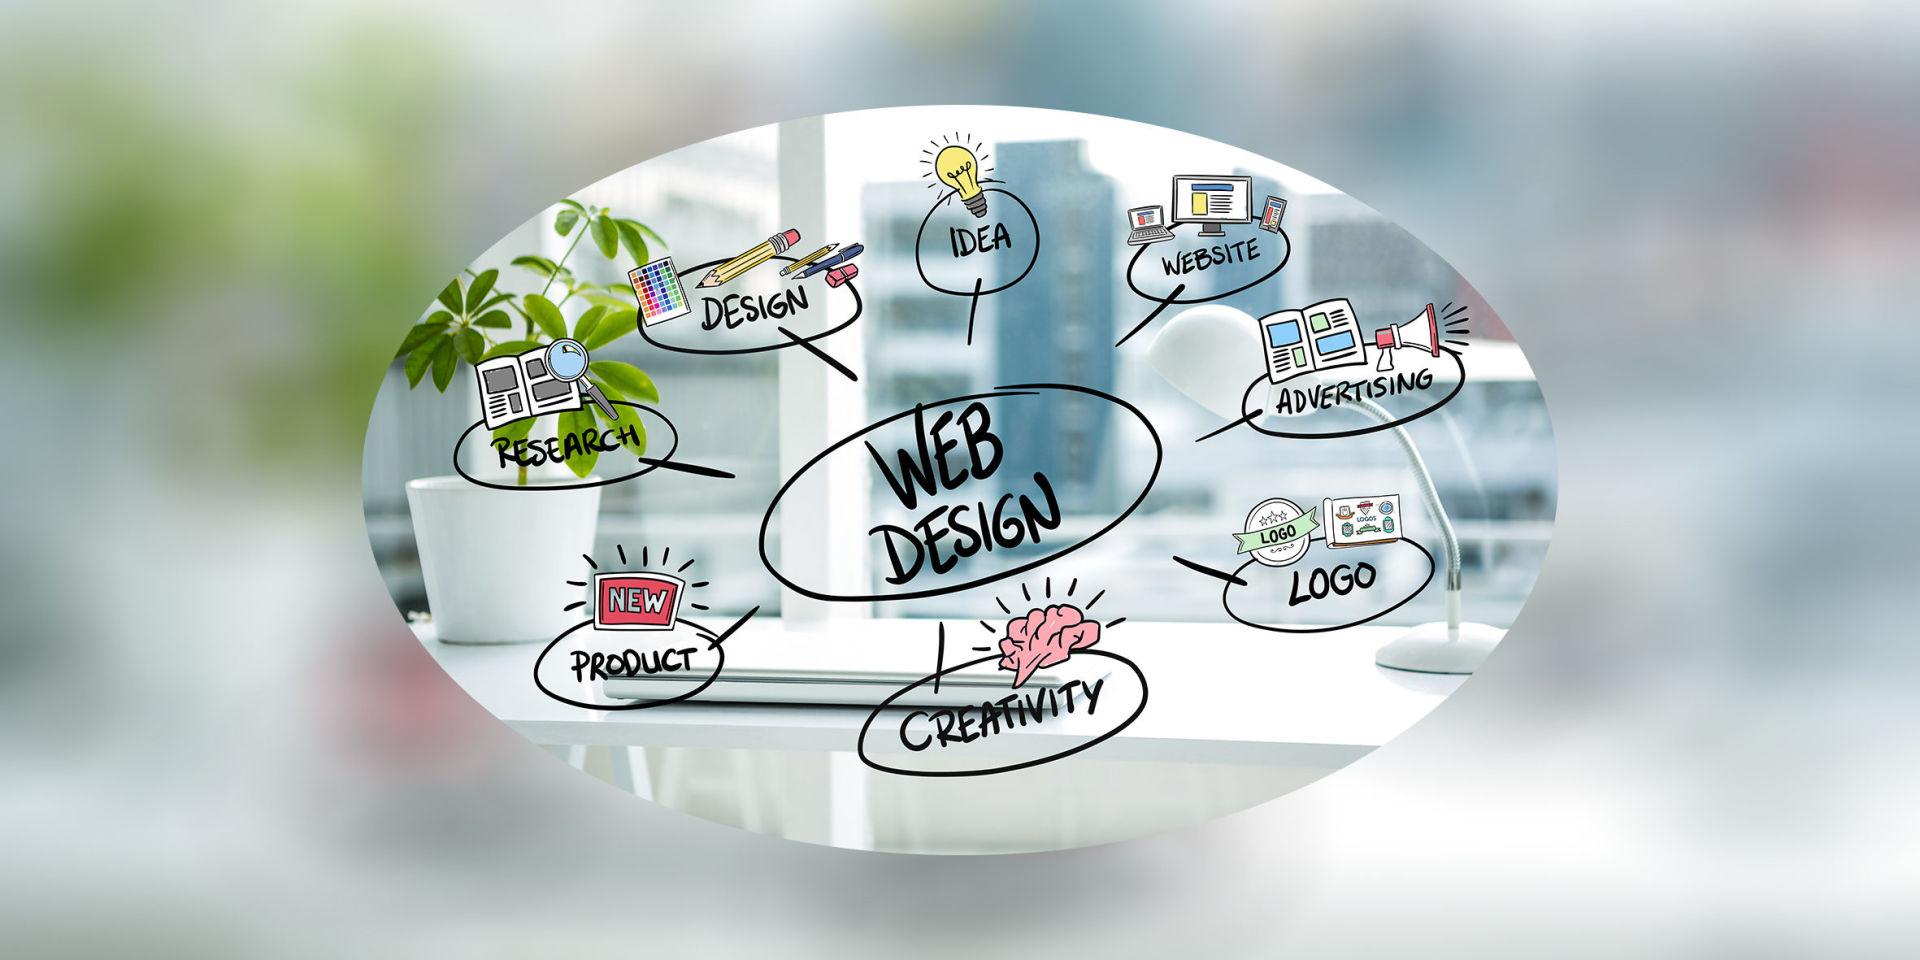 طراحی ، کدنویسی ، فروشگاه اینترنتی